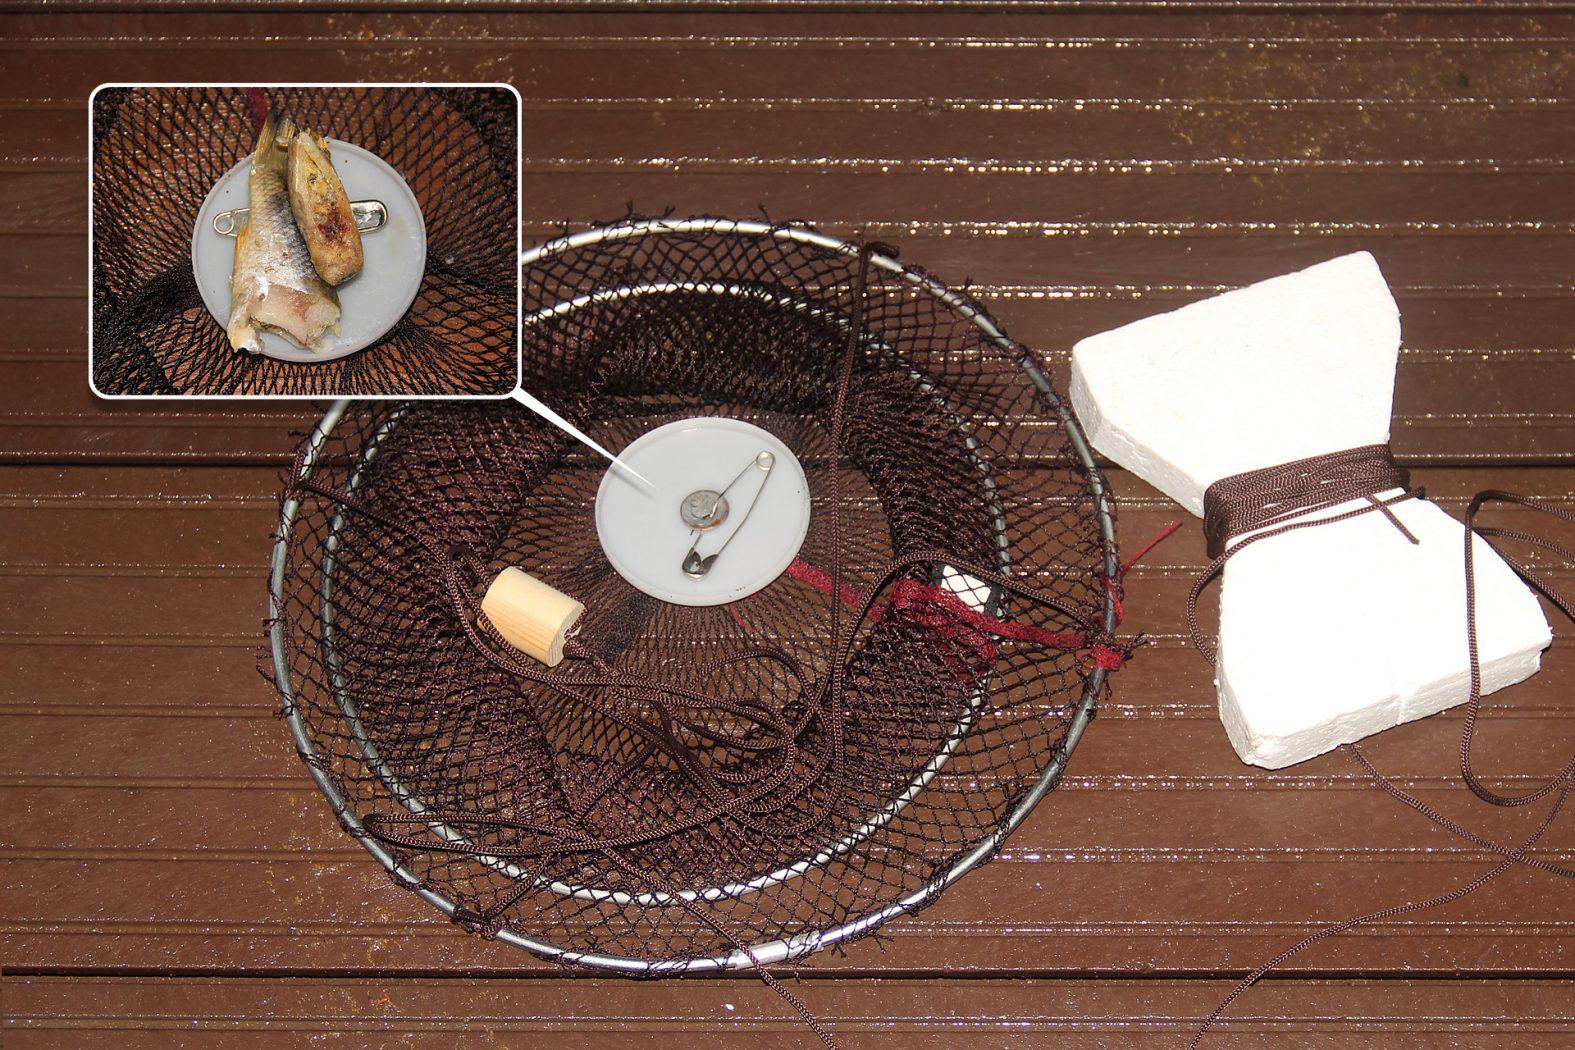 Flusskrebse mit einem Krebsteller oder einer Senke fangen